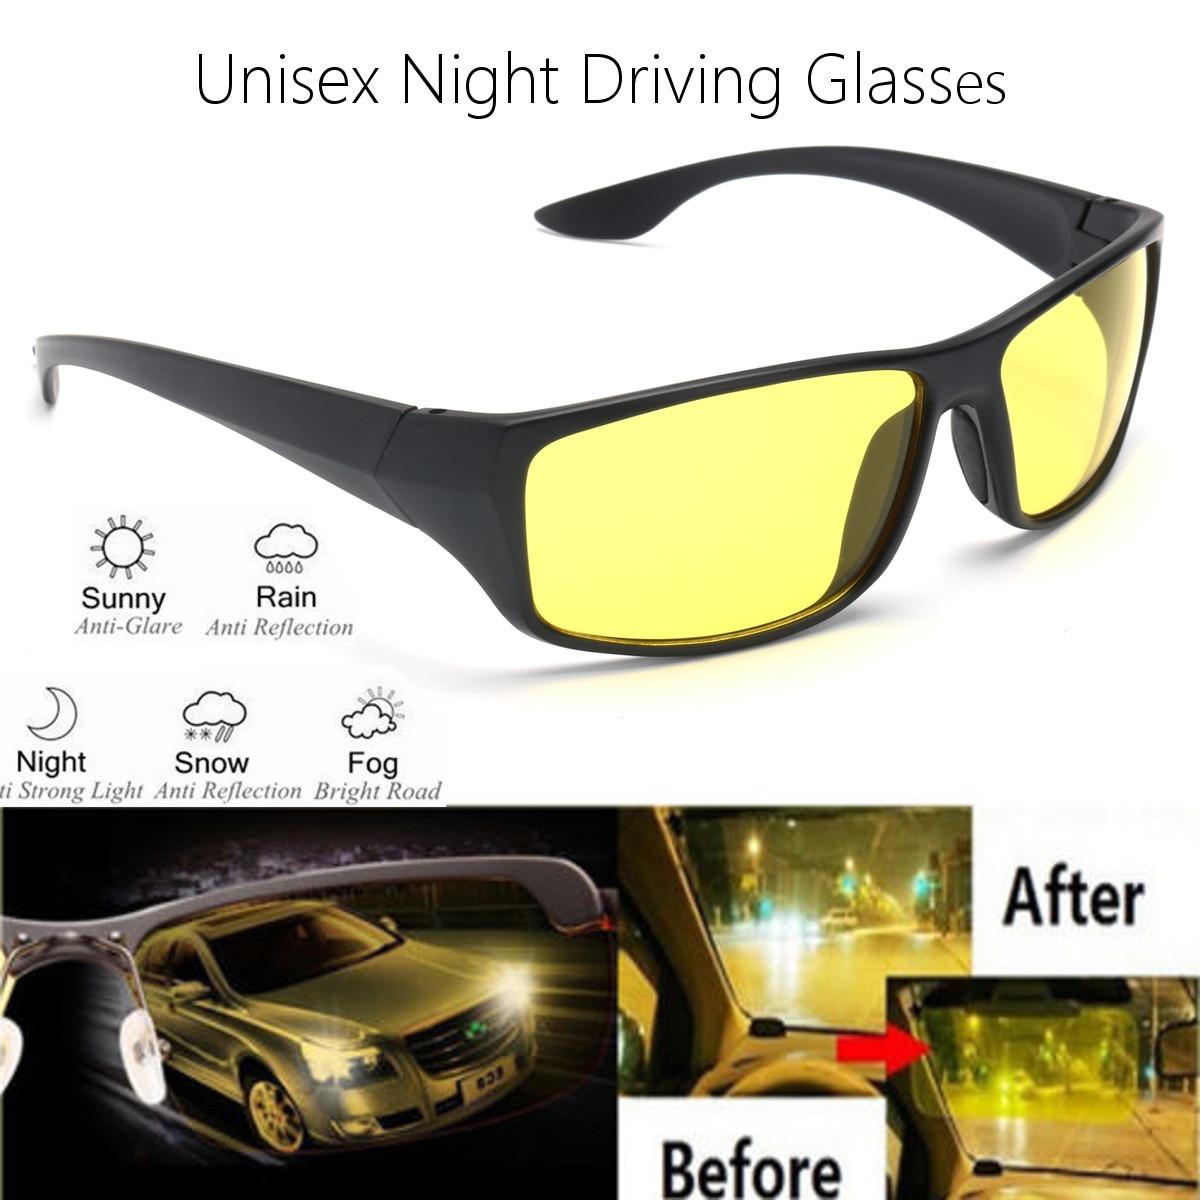 ใหม่แว่นตากันแดด Night Vision แว่นตากันแดดผู้ชายแฟชั่น Polarized Night Driving Enhanced แว่นตา